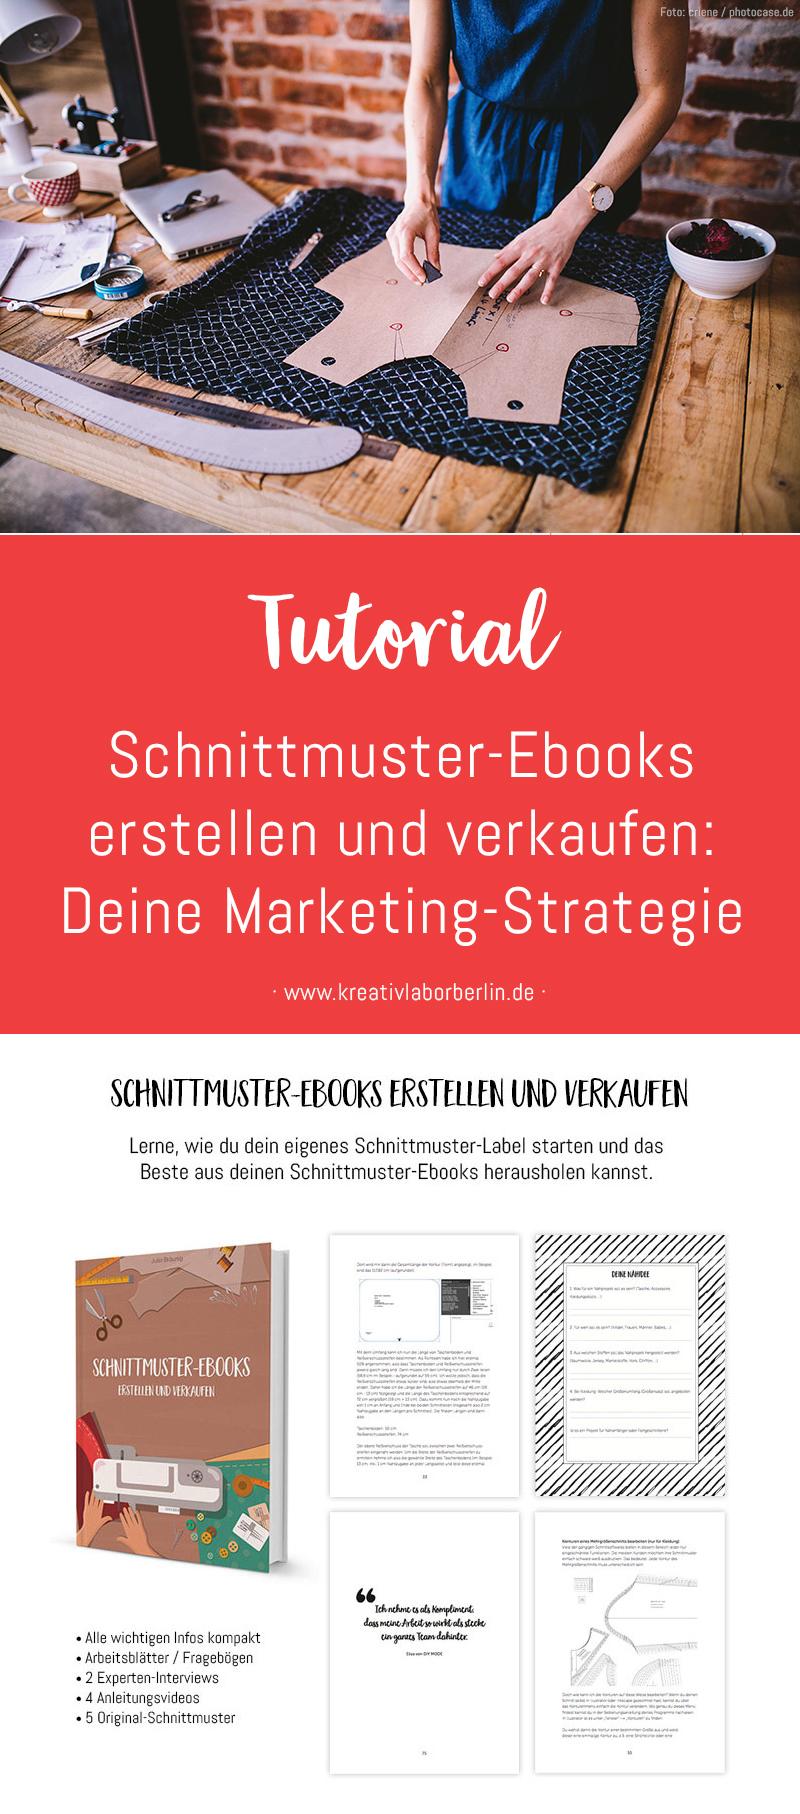 Schnittmuster-Ebooks erstellen und verkaufen: Deine Marketing-Strategie